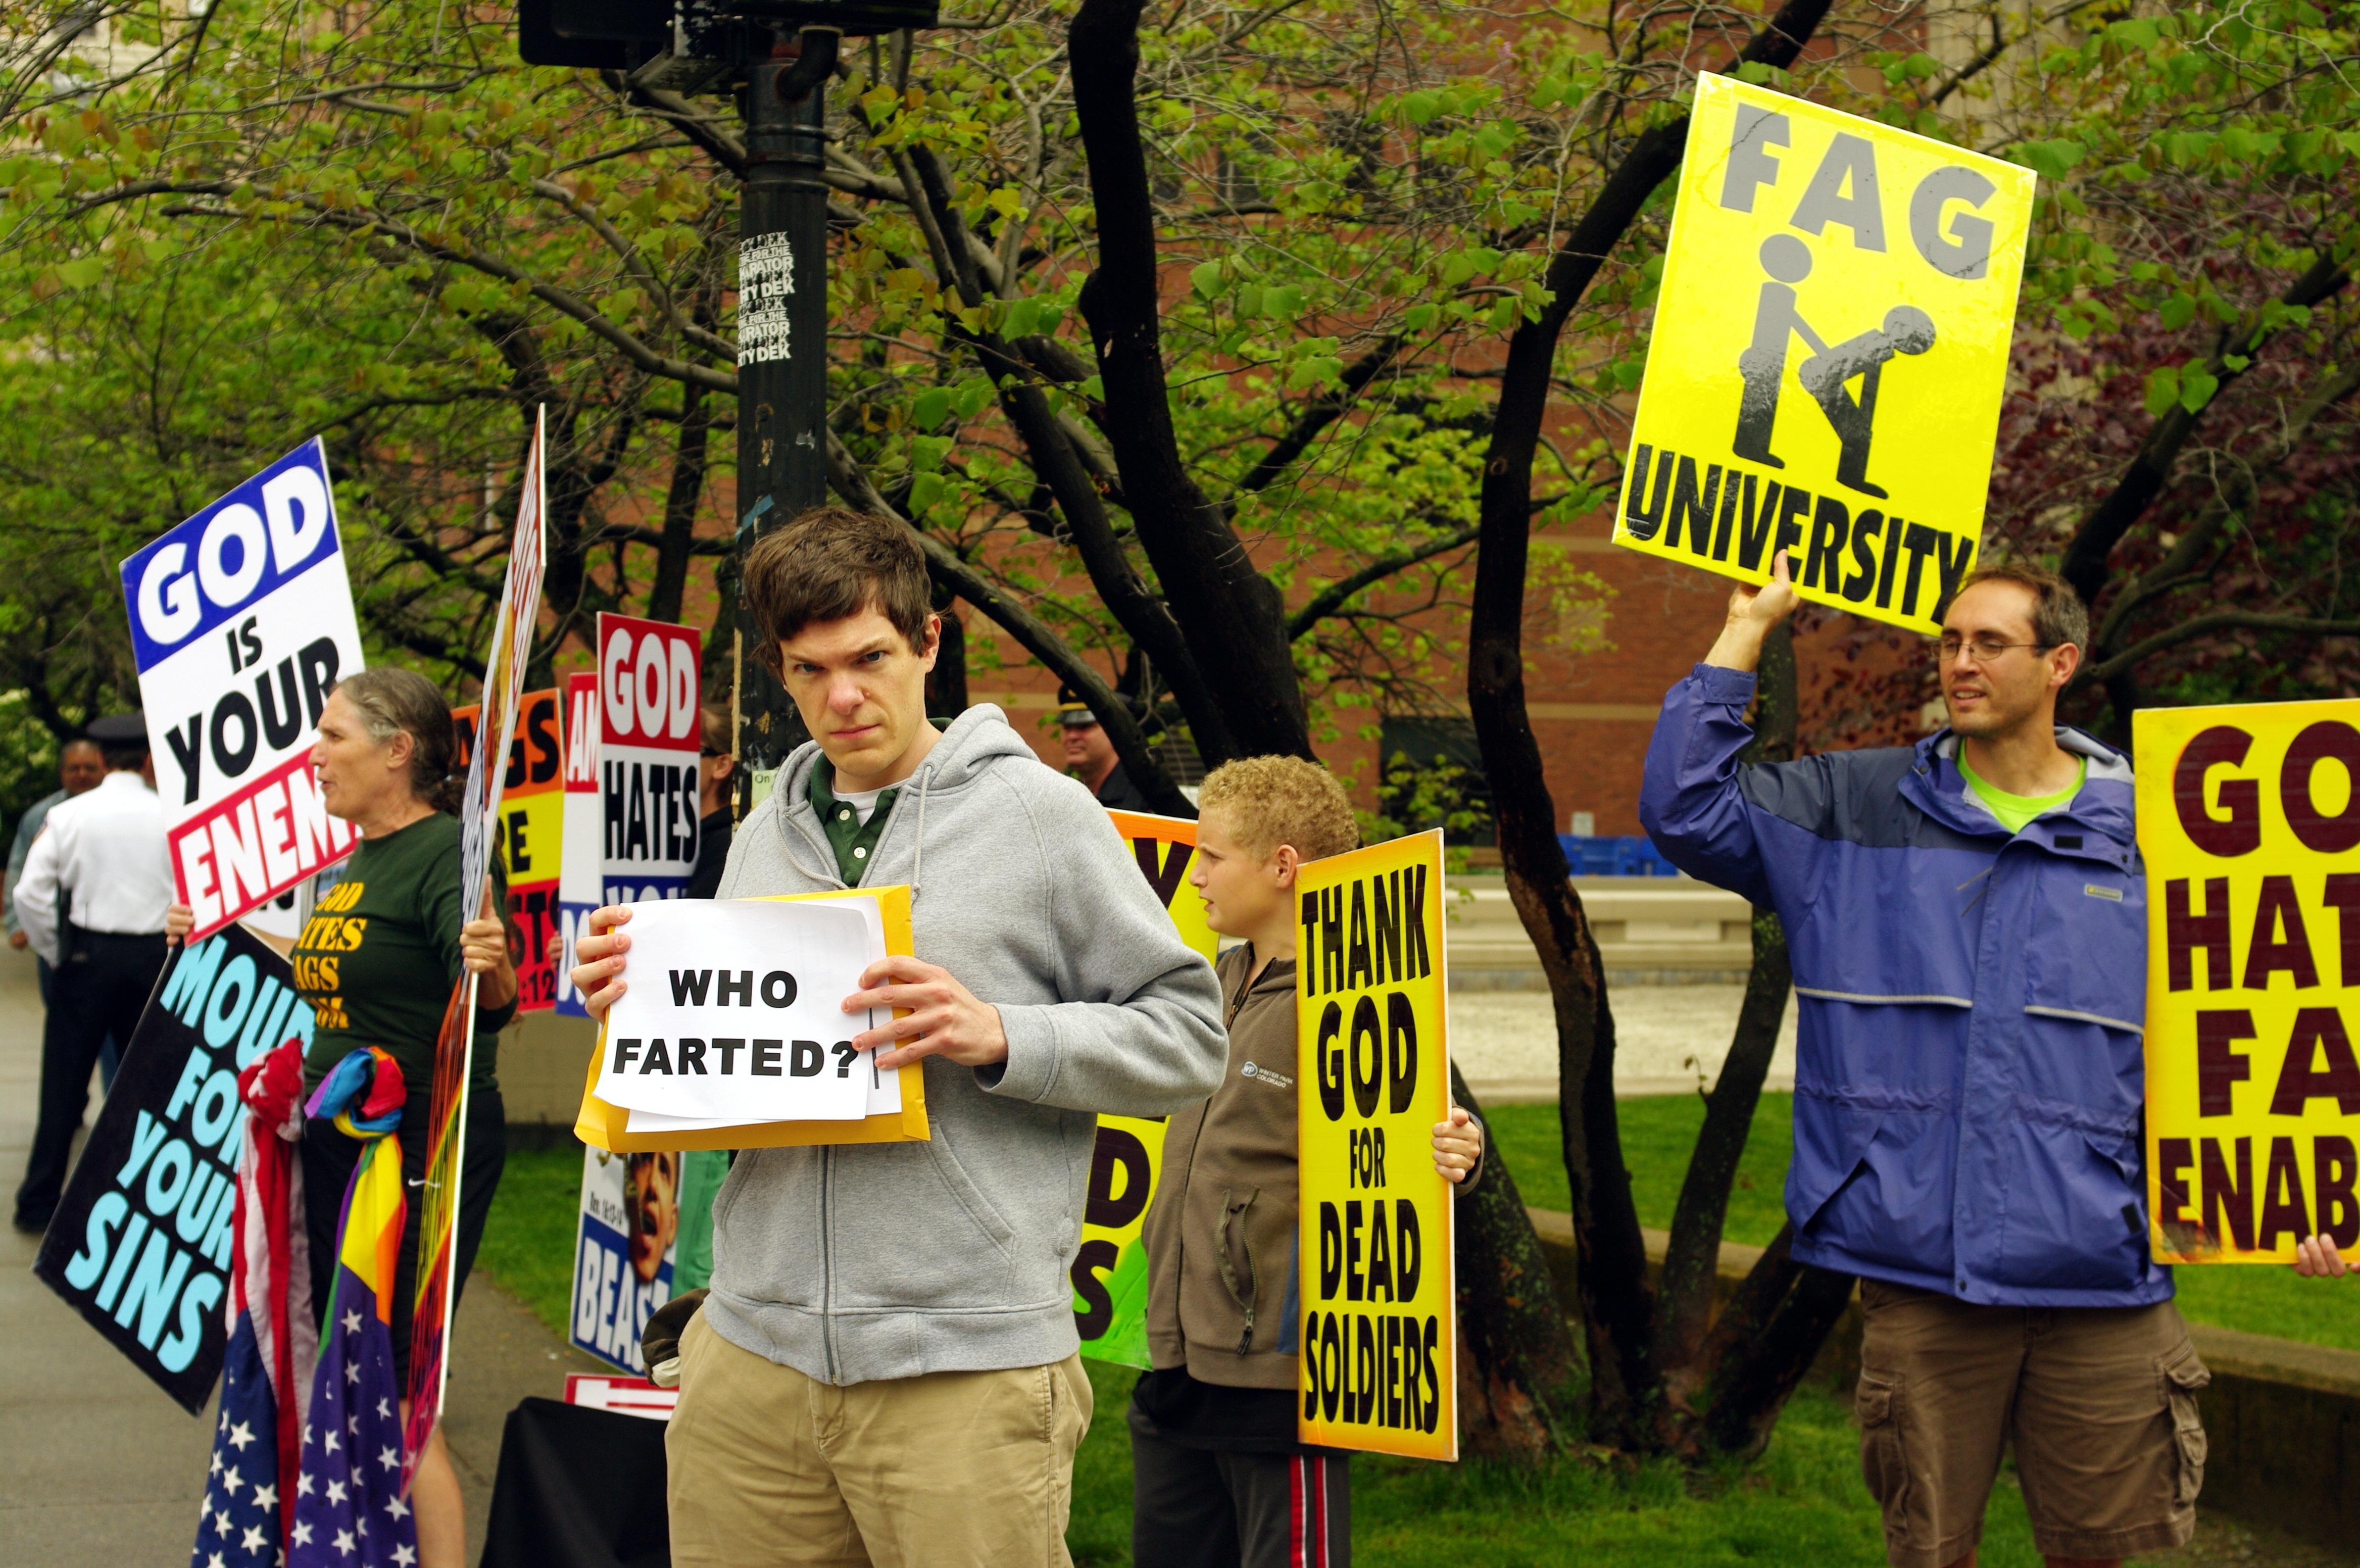 Westboro_Baptist_Church_at_Brown_University,_May_2009